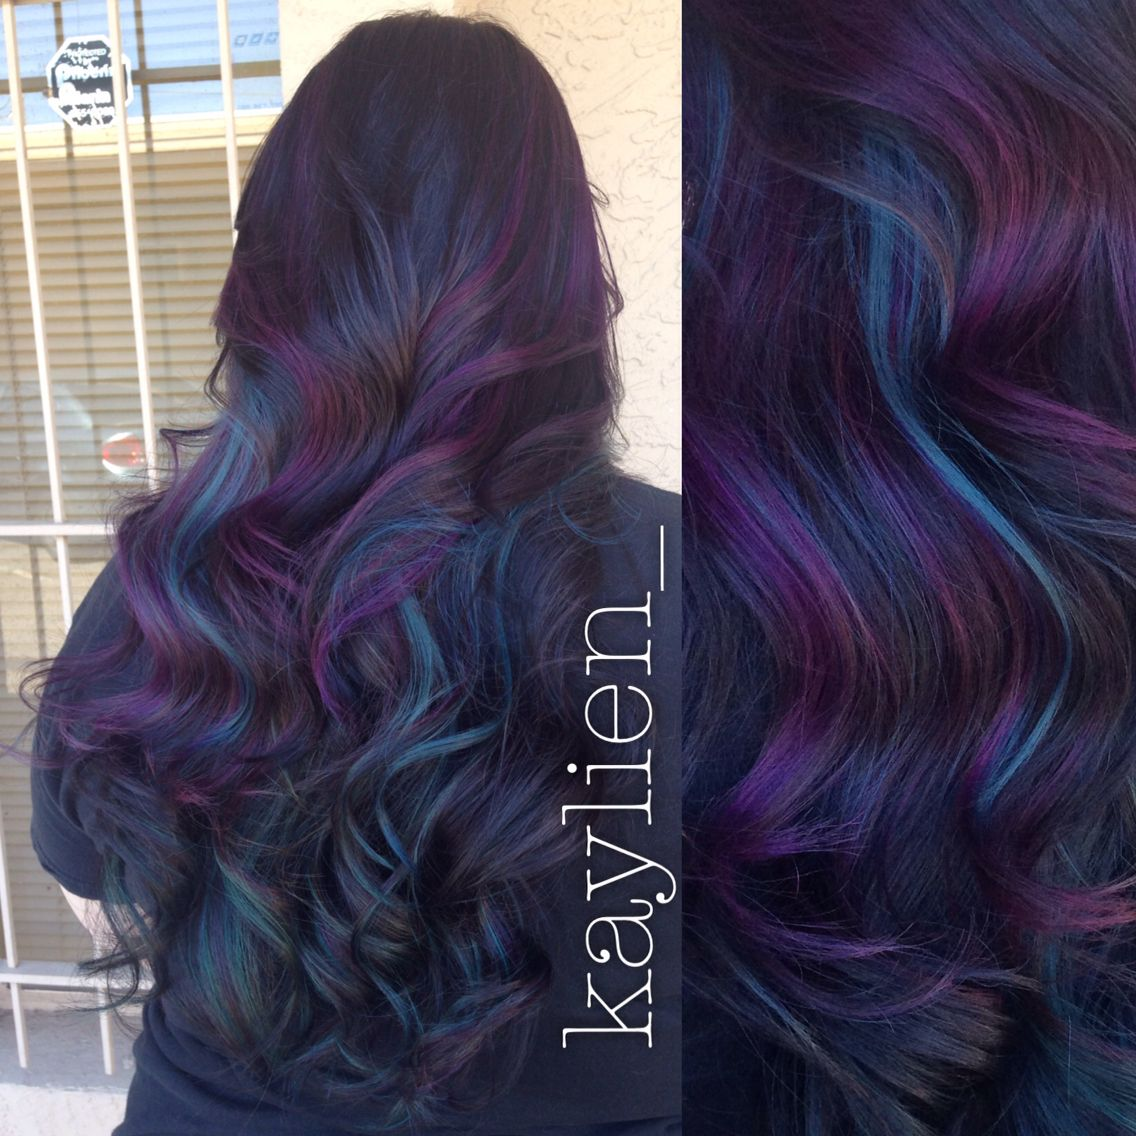 Peacock Hair Teal And Purple Peekaboos With Deep Deep Violet Brown